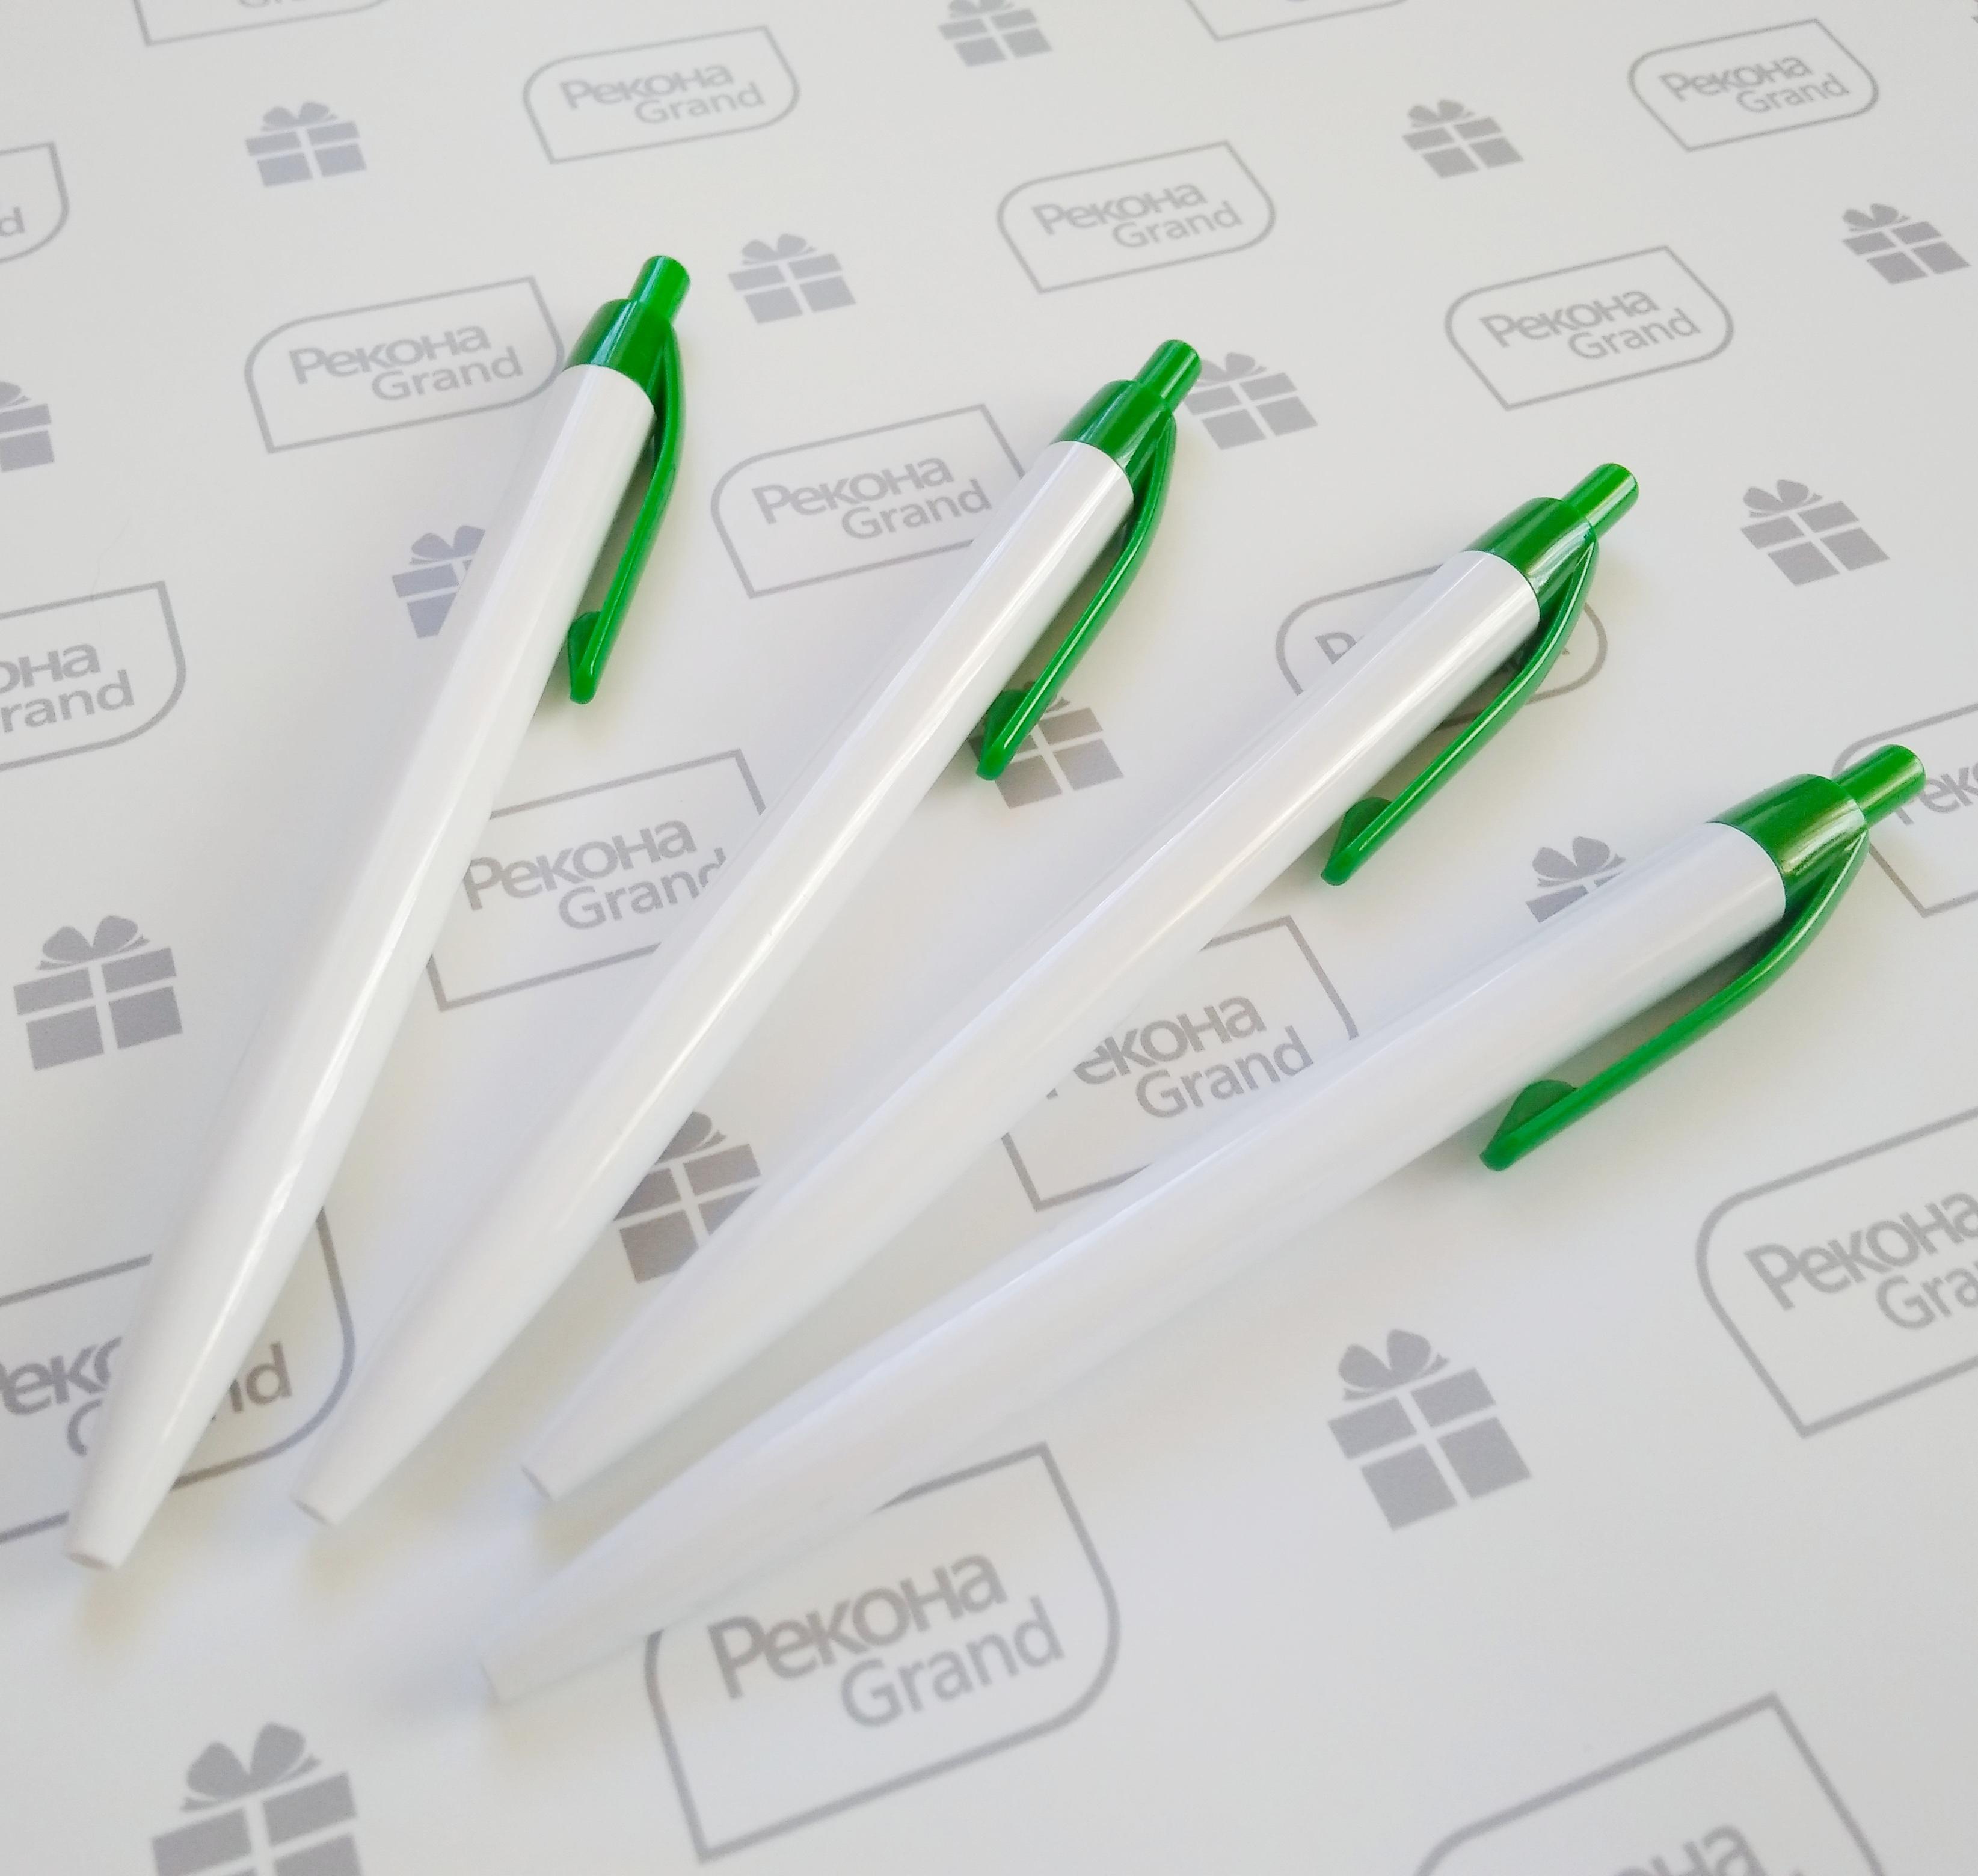 промо ручки для массовой раздачи